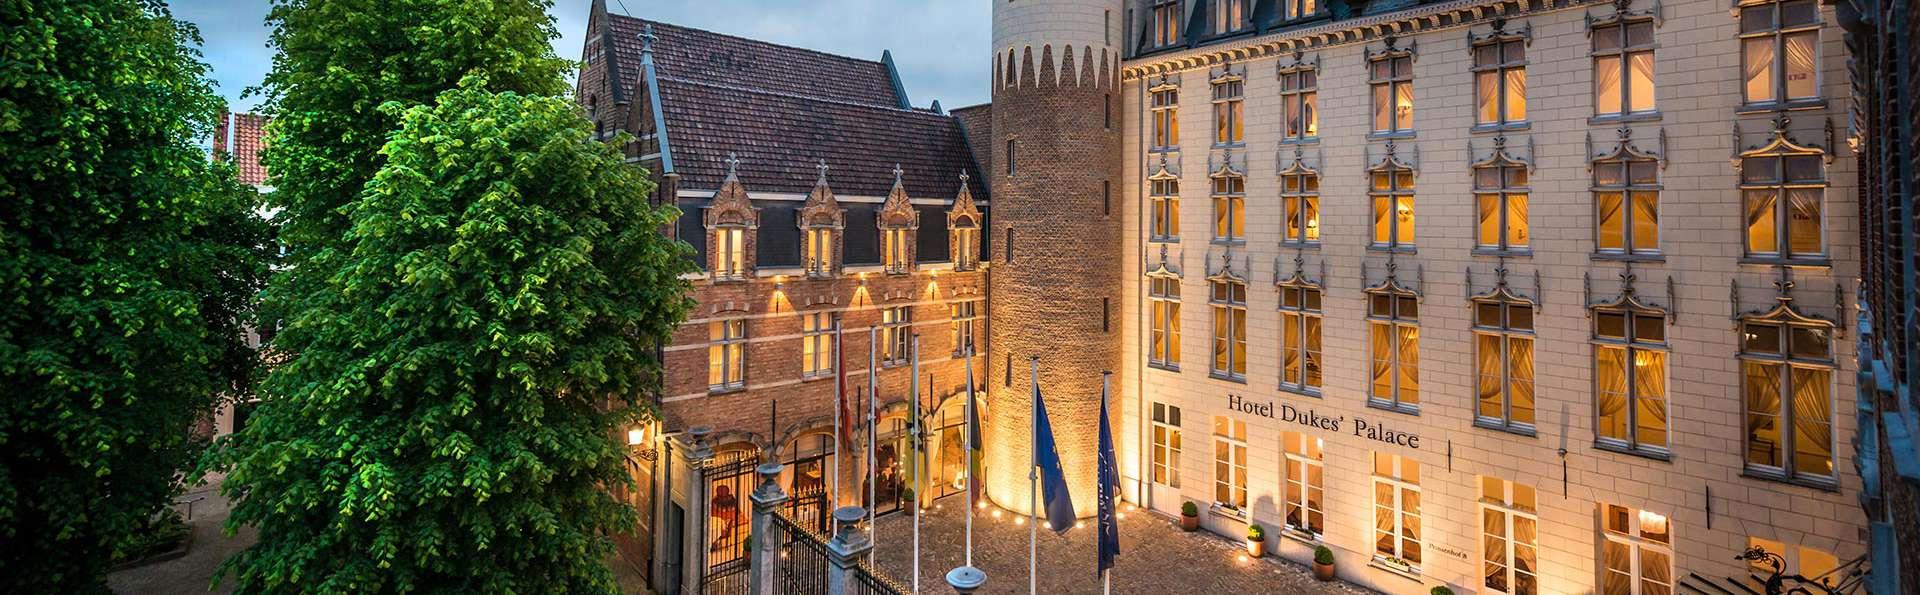 Séjour romantique dans un hôtel de luxe au cœur de Bruges